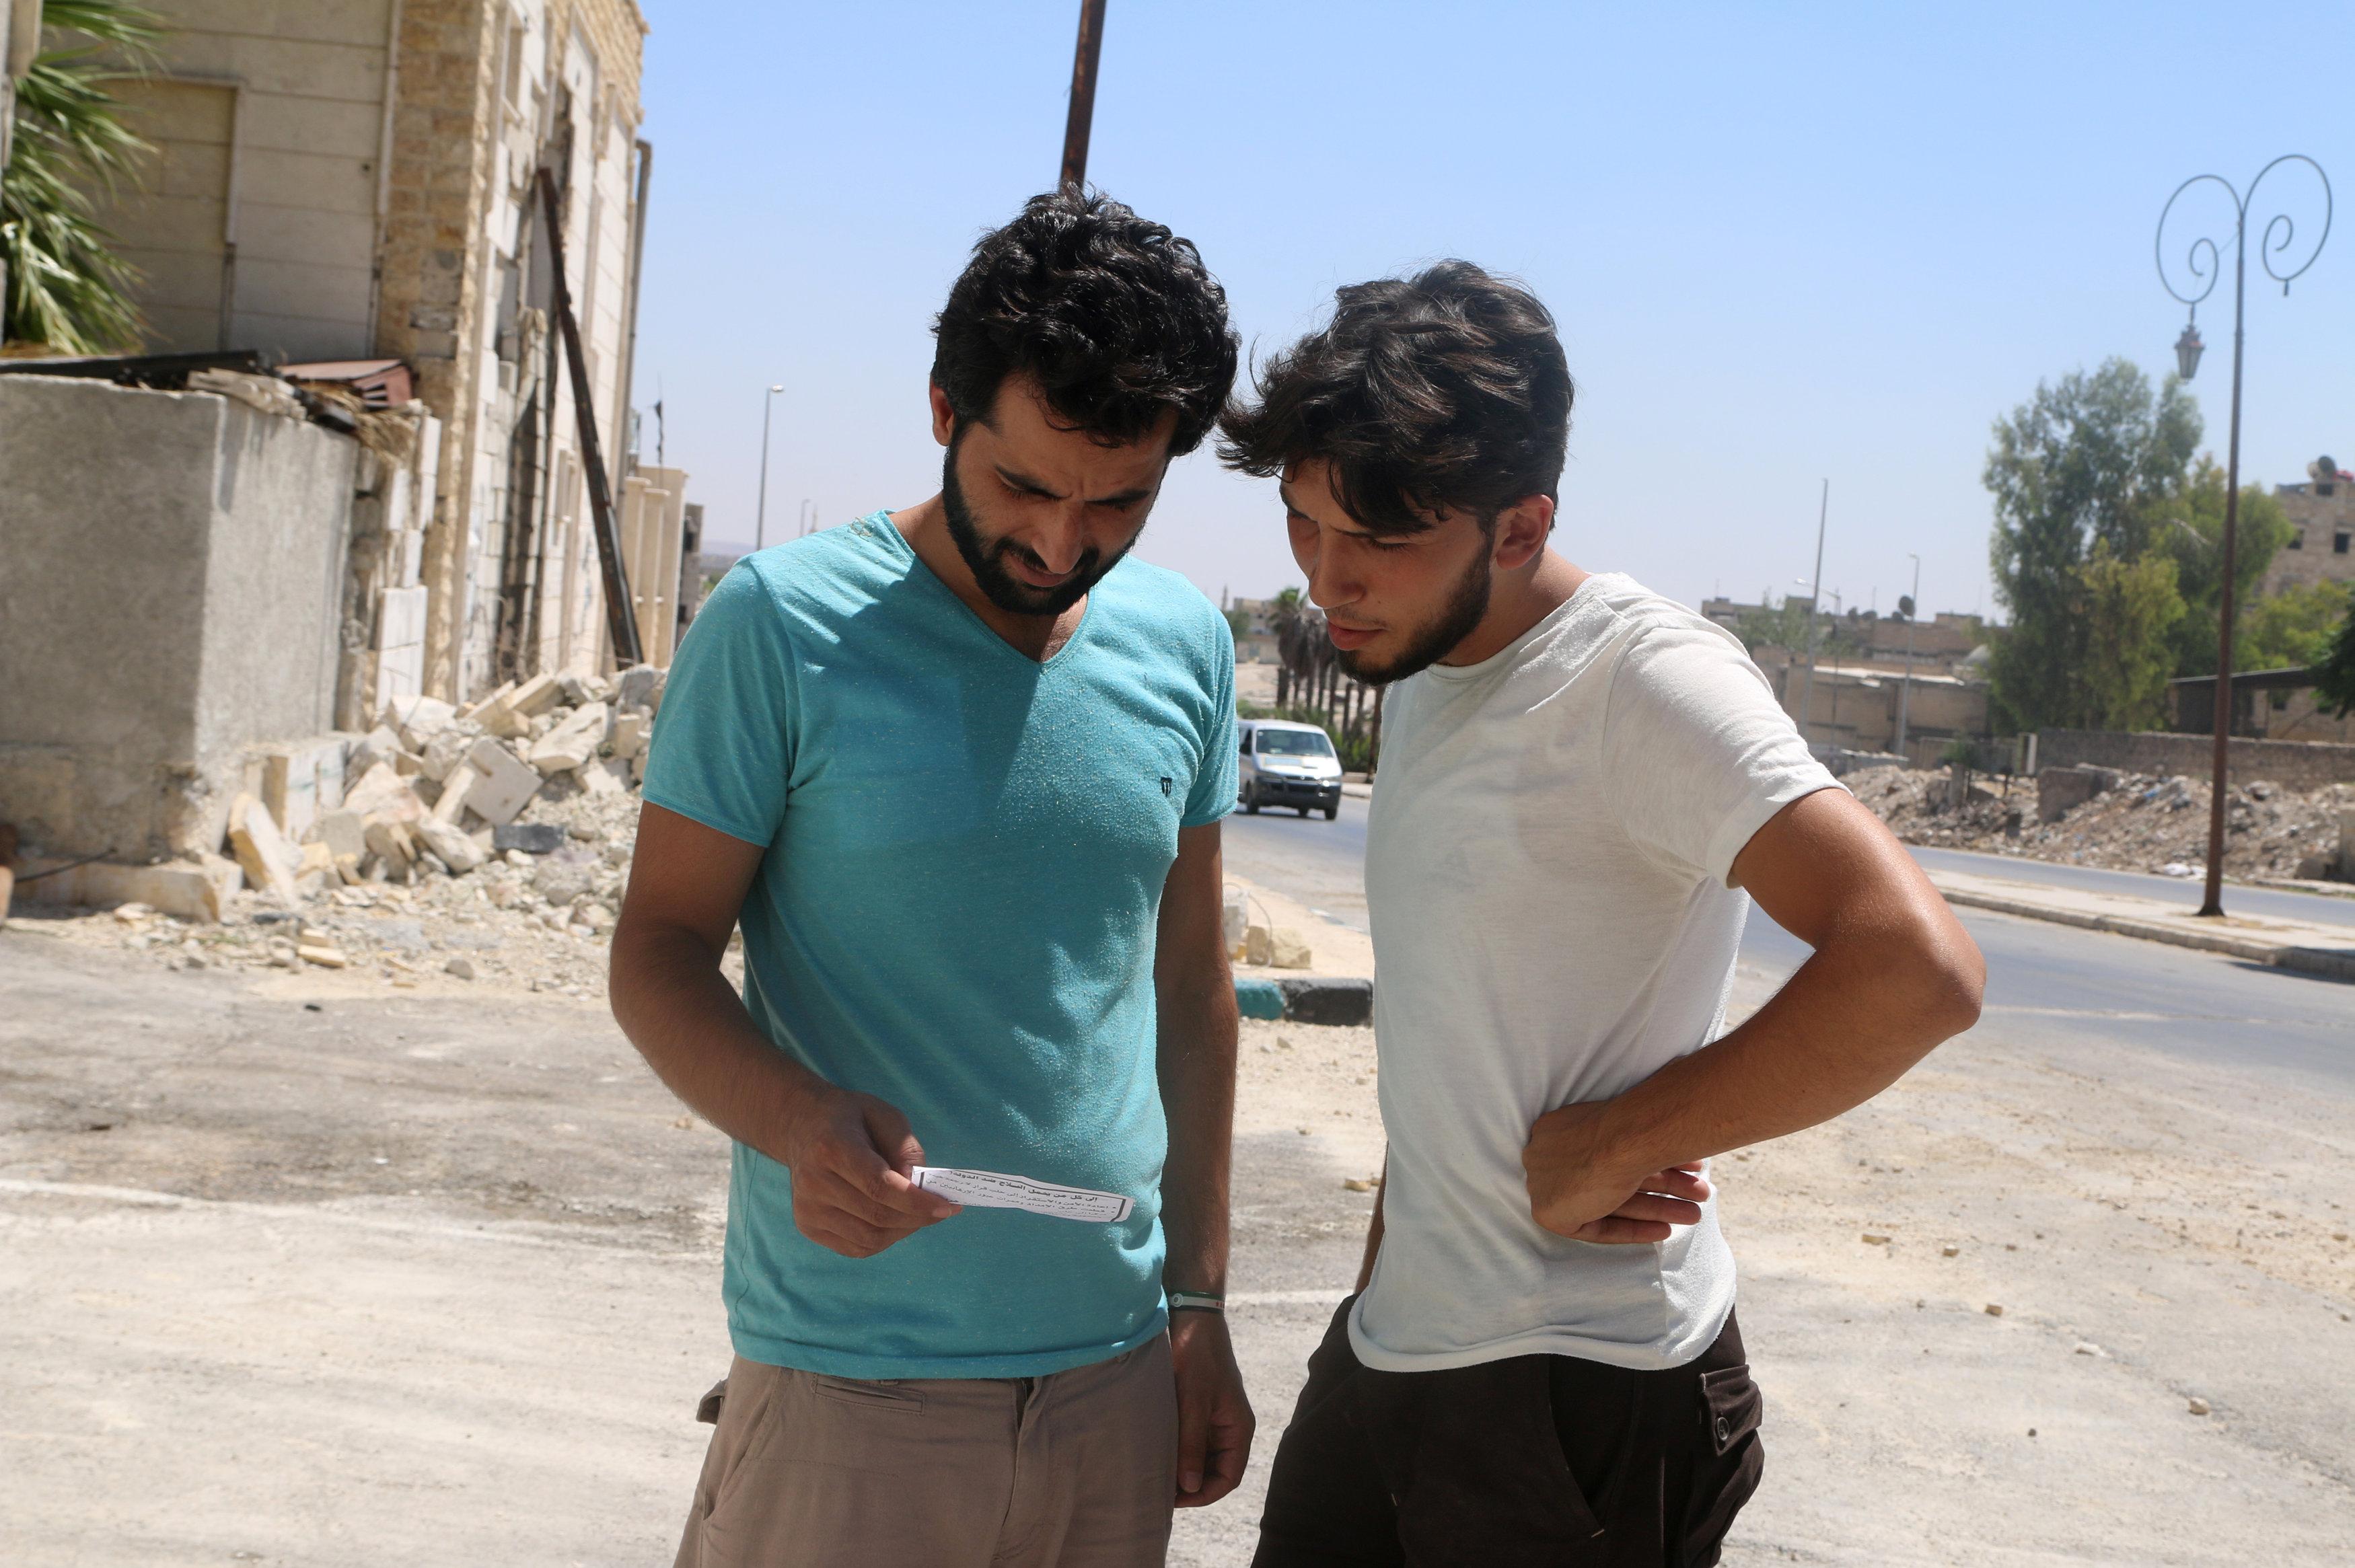 Vecinos de Alepo leen uno de los folletos lanzados por el Ejército sirio sobre los distritos de la urbe, pidiendo a los residentes cooperar con los militares y exigiendo a los rebeldes deponer las armas. Siria 28 de julio de 2016.